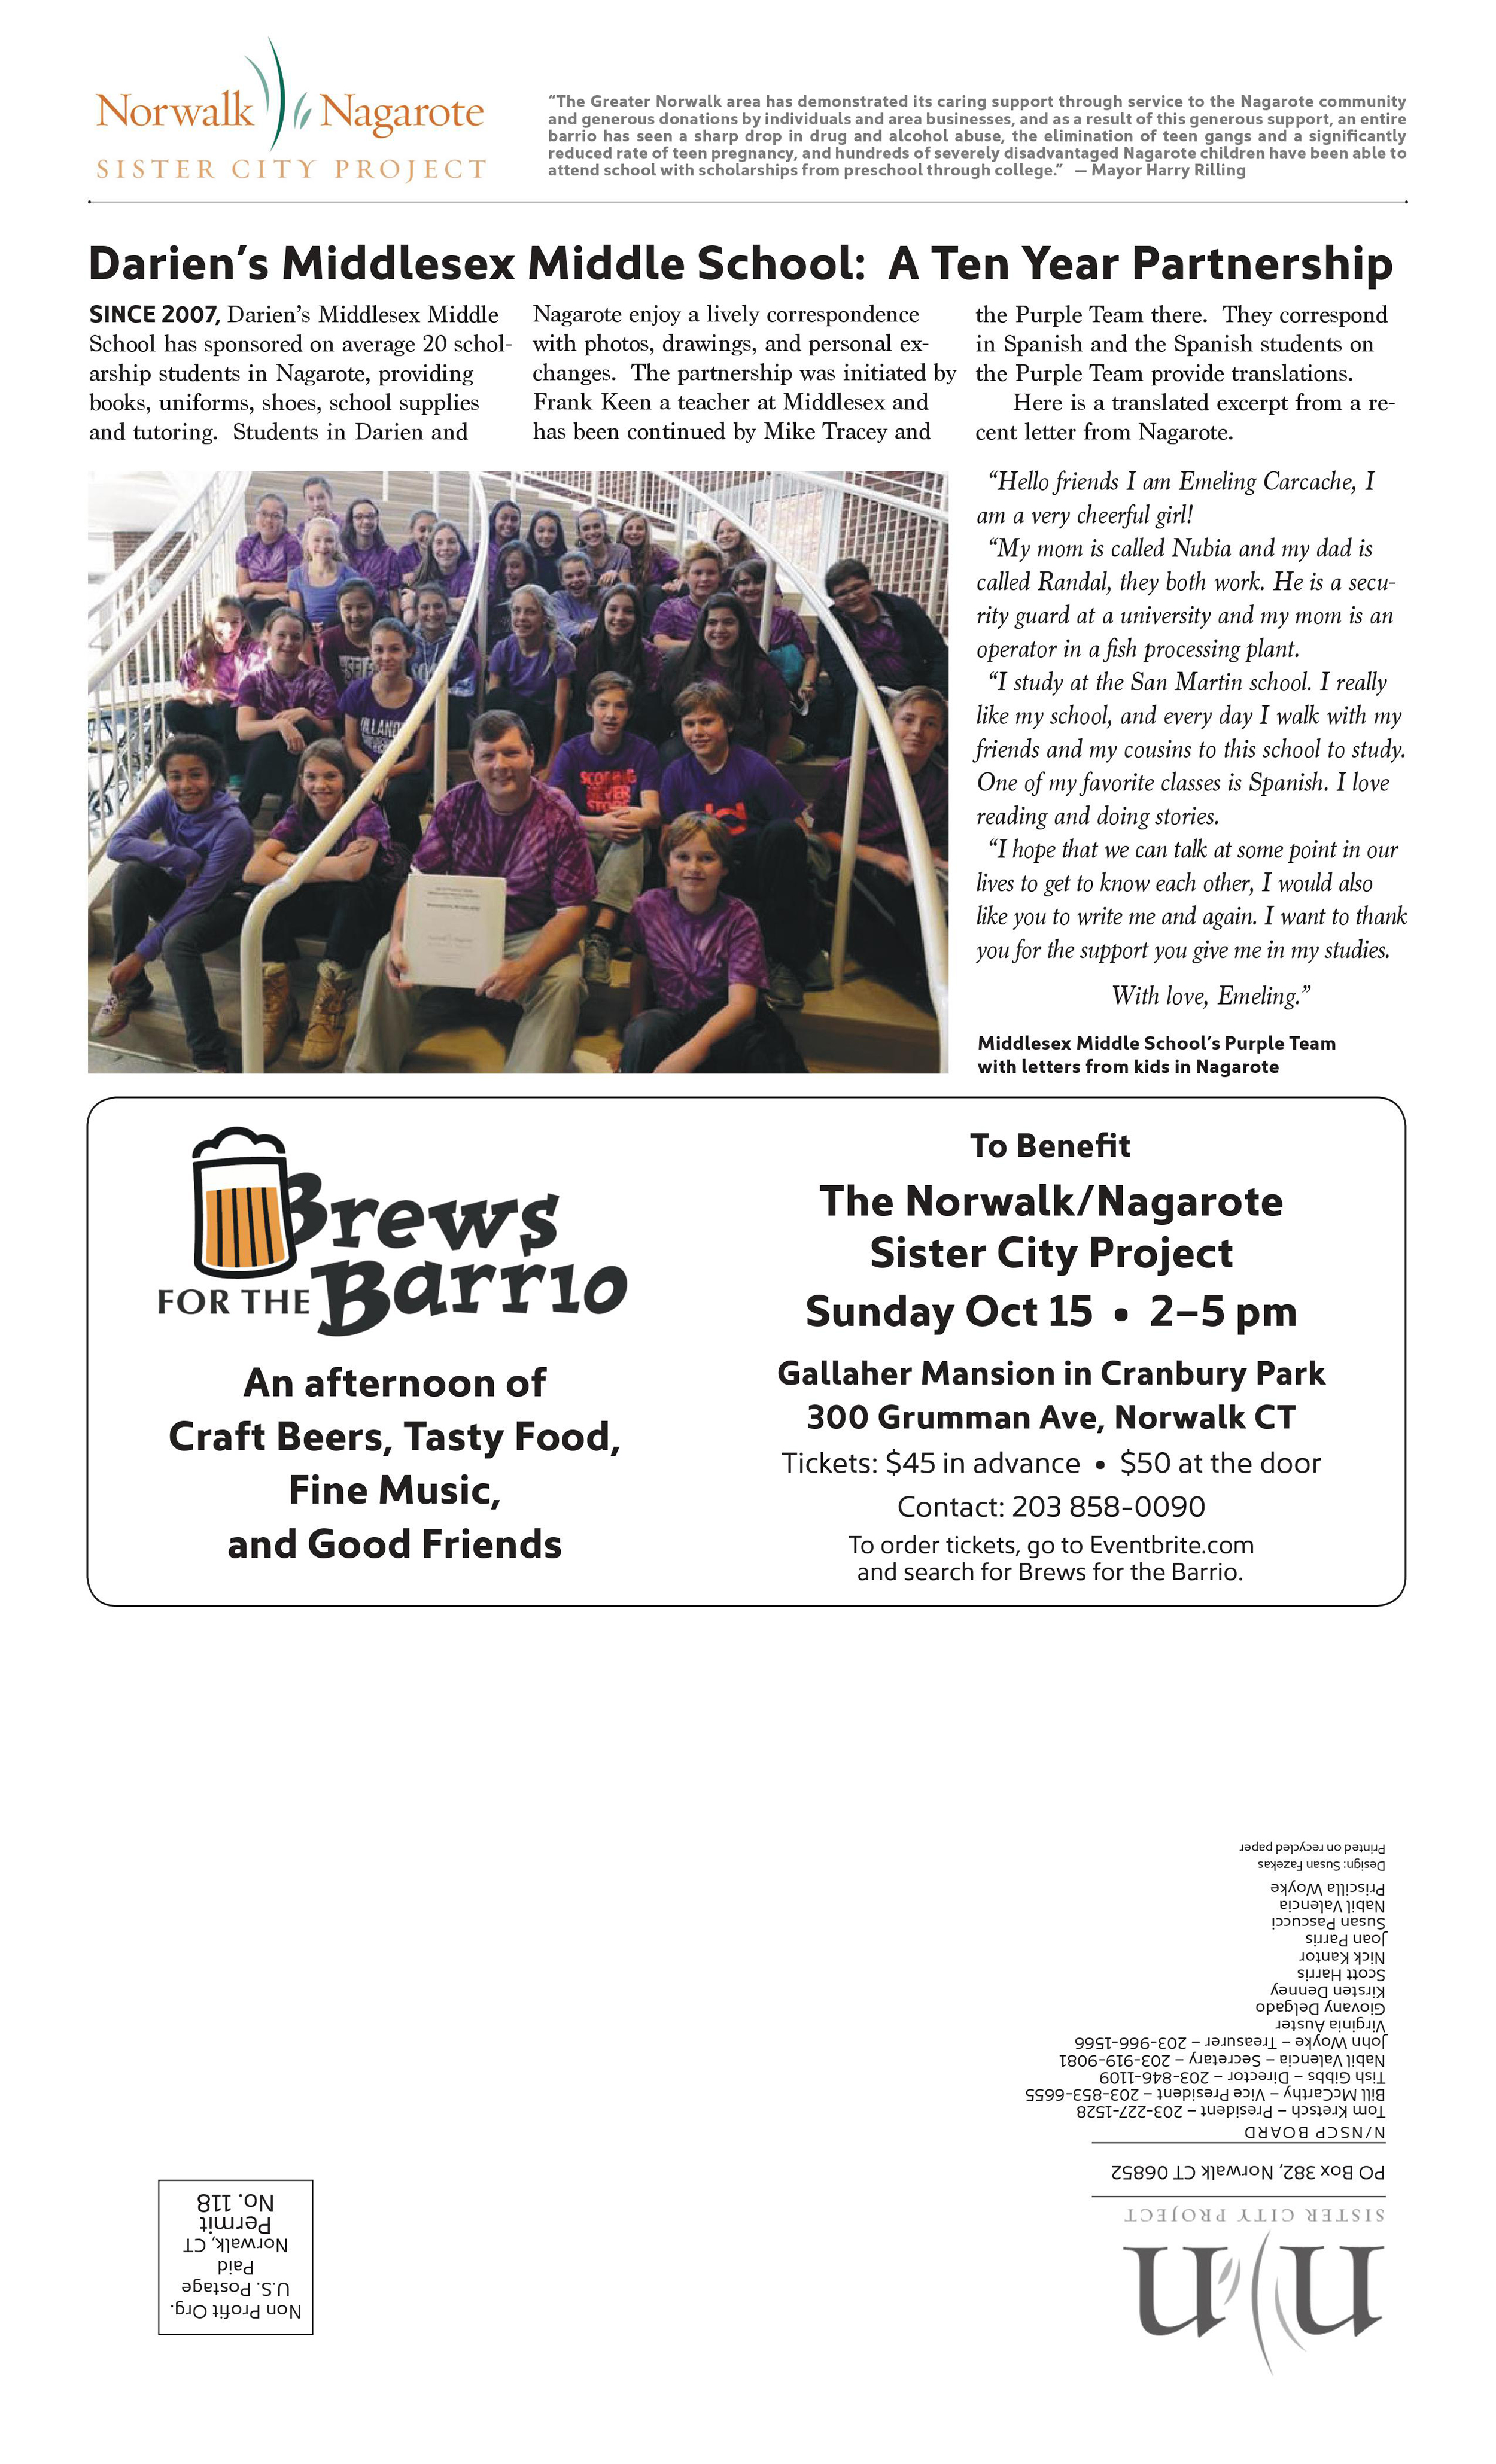 NNSCPnewsletter2 copy.jpg